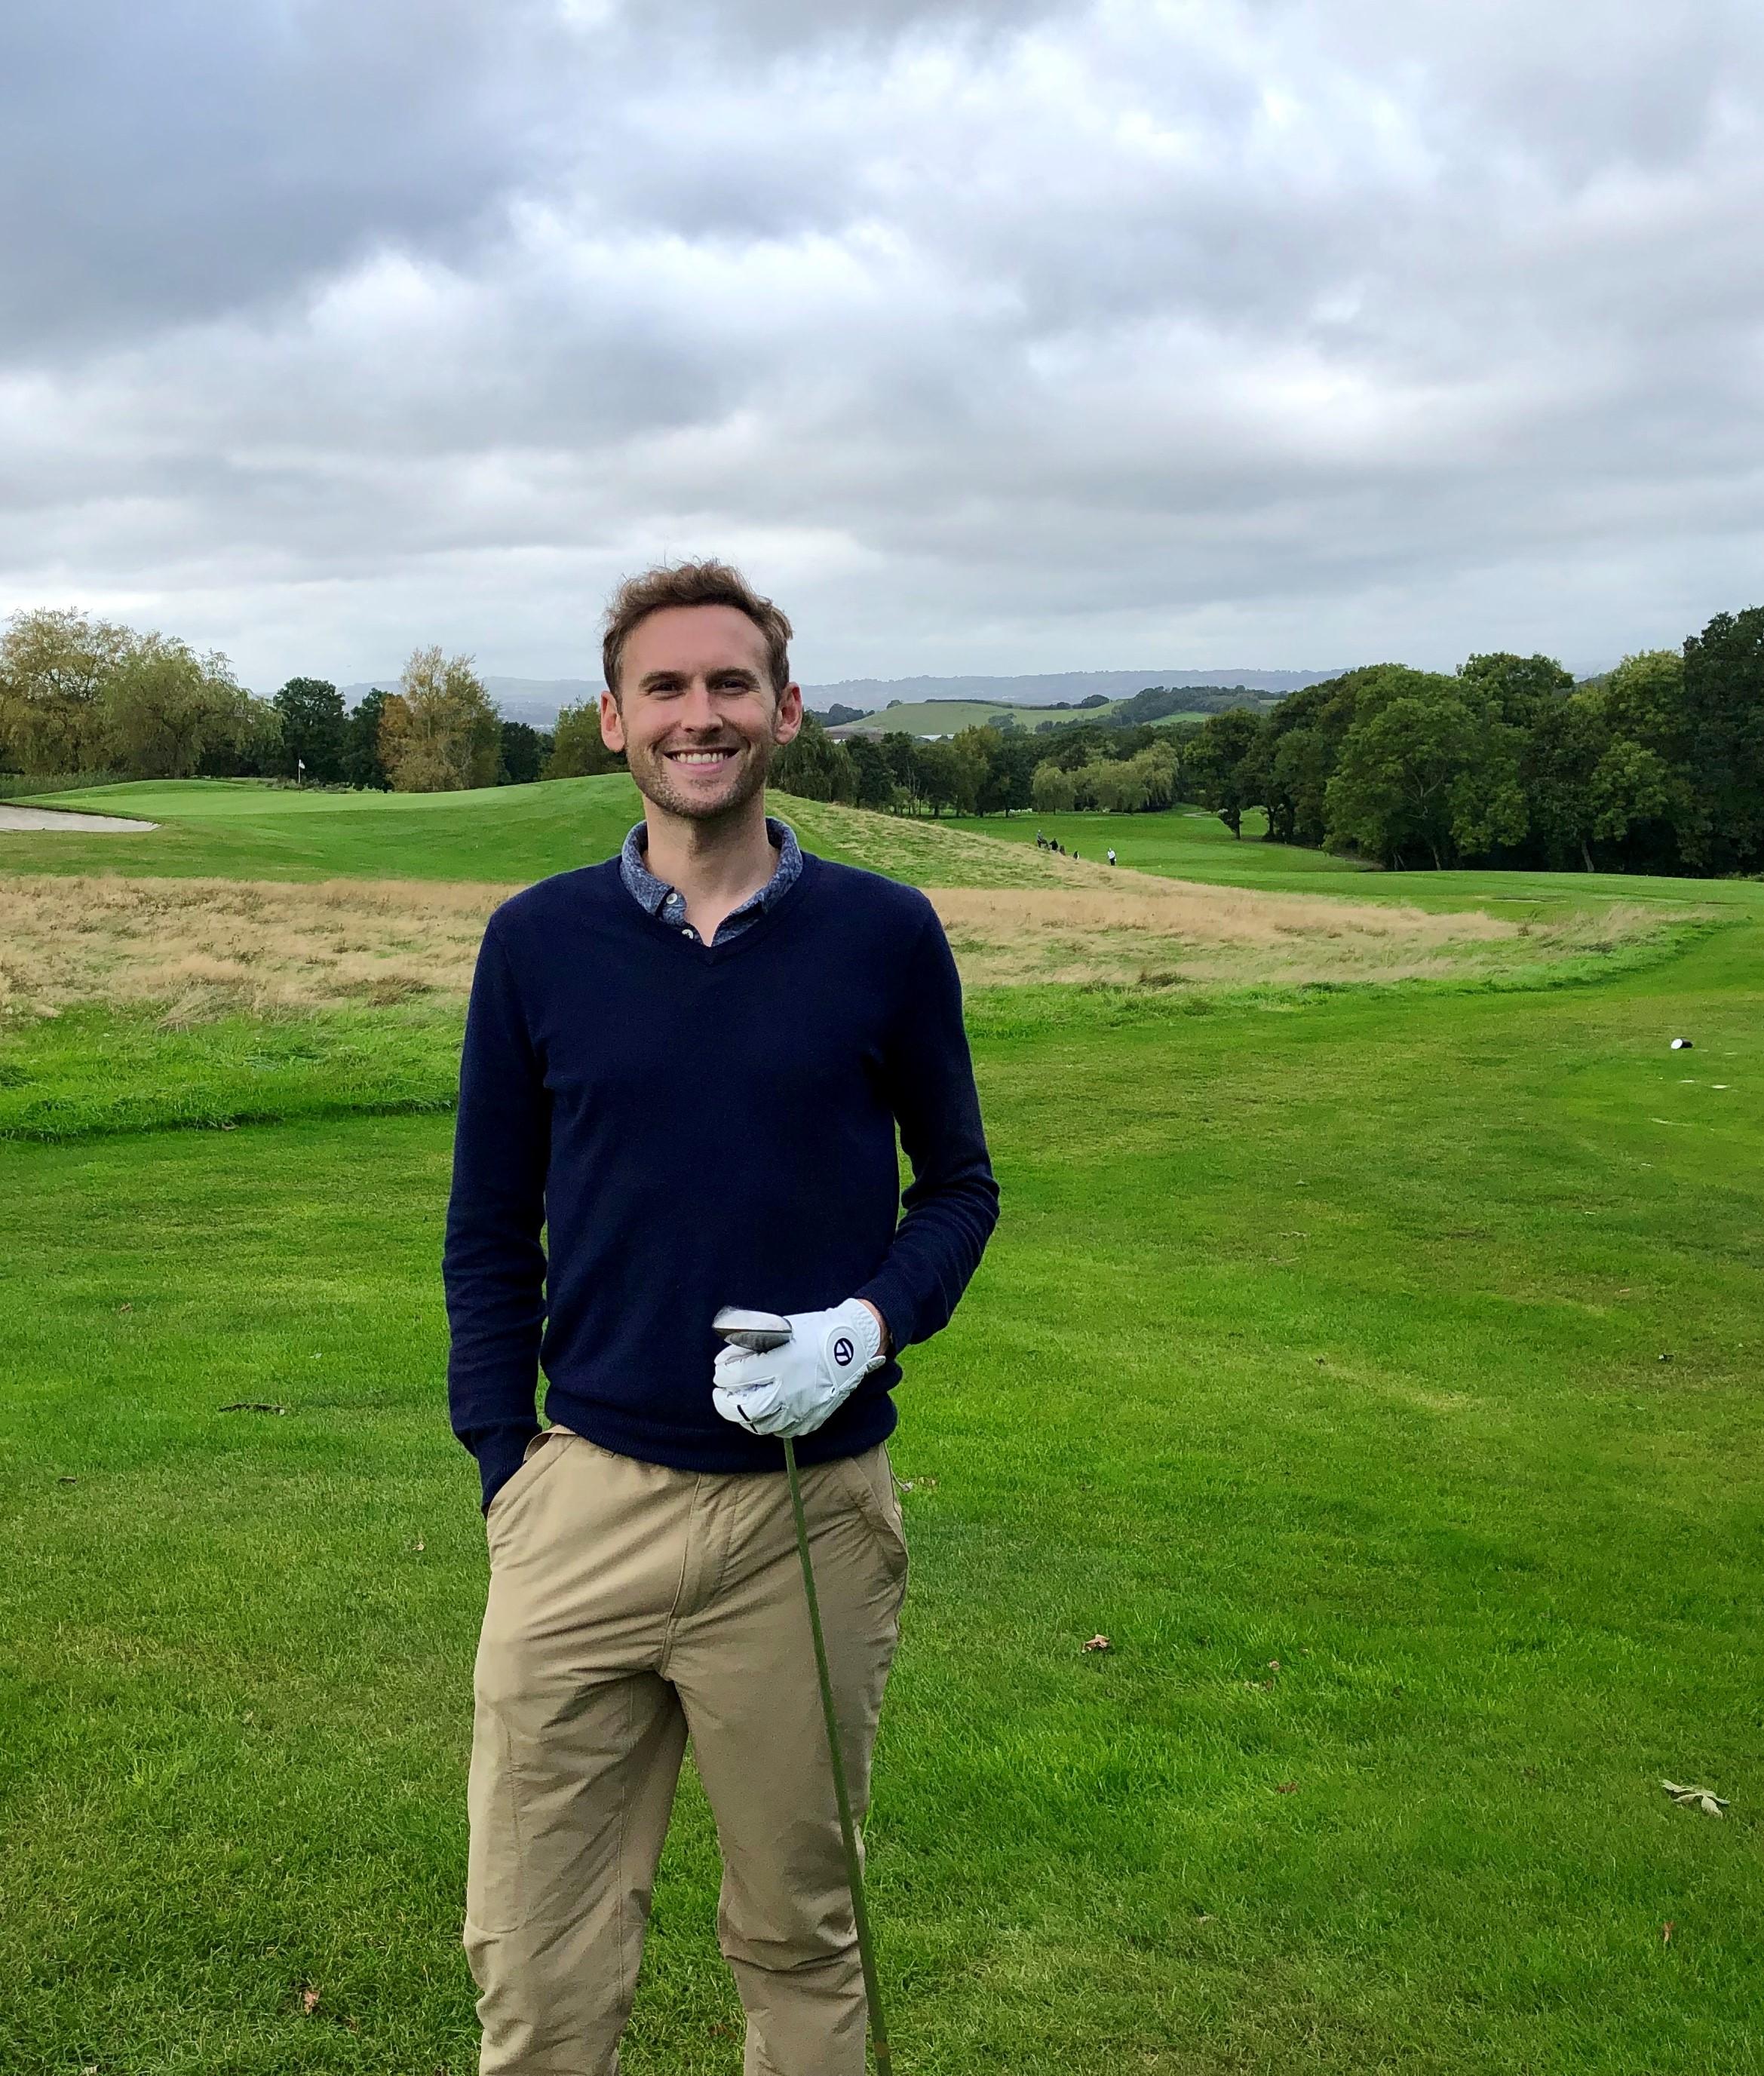 Golf_day_2019_3.jpg